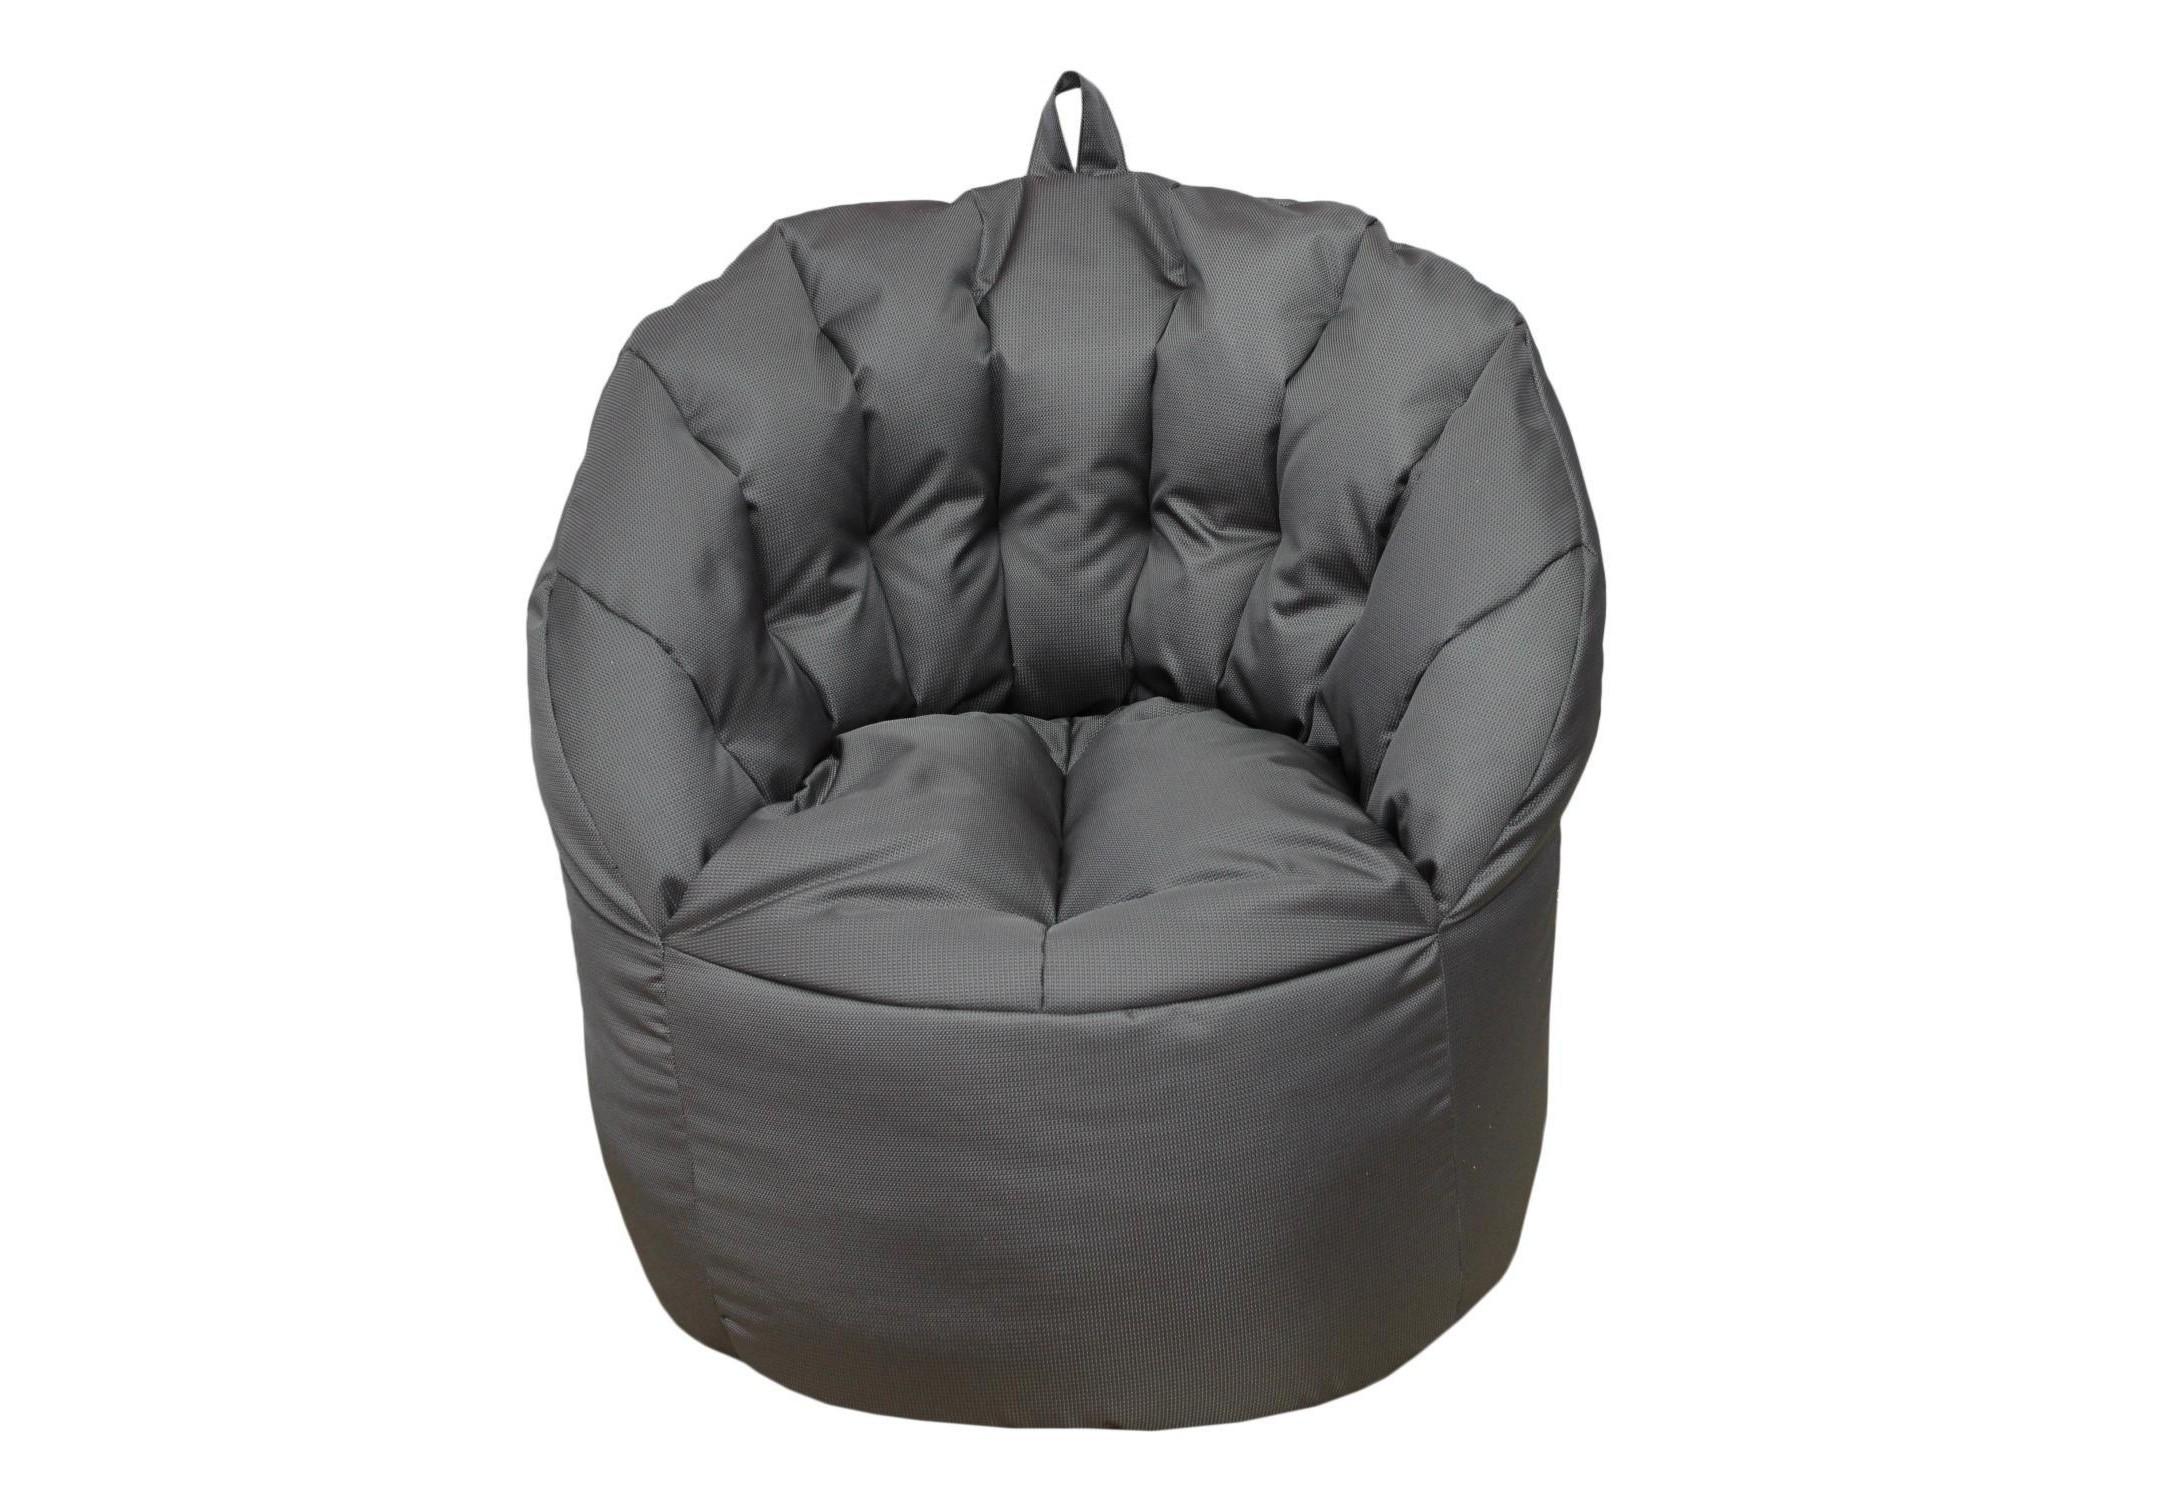 Уличное кресло- пуф SilverФорменные пуфы<br>Очень комфортное и  легкое  кресло-пуф станет неотъемлемой частью вашего интерьера как дома ,так и на улице. Сиденье и спинка кресла великолепно поддерживают и принимают форму тела, обеспечивая комфортный отдых. Читайте книгу, общайтесь с друзьями или просто наслаждайтесь лучами летнего солнца удобно разместившись в этом кресле!  Оно сшито из очень плотной ткани с водооталкивающим покрытием с внешней стороны, поэтому идеально подойдет для уличного декора.При загрязнении его достаточно протереть мокрой салфеткой.<br><br>Material: Текстиль<br>Length см: None<br>Width см: 80<br>Depth см: 60<br>Height см: 90